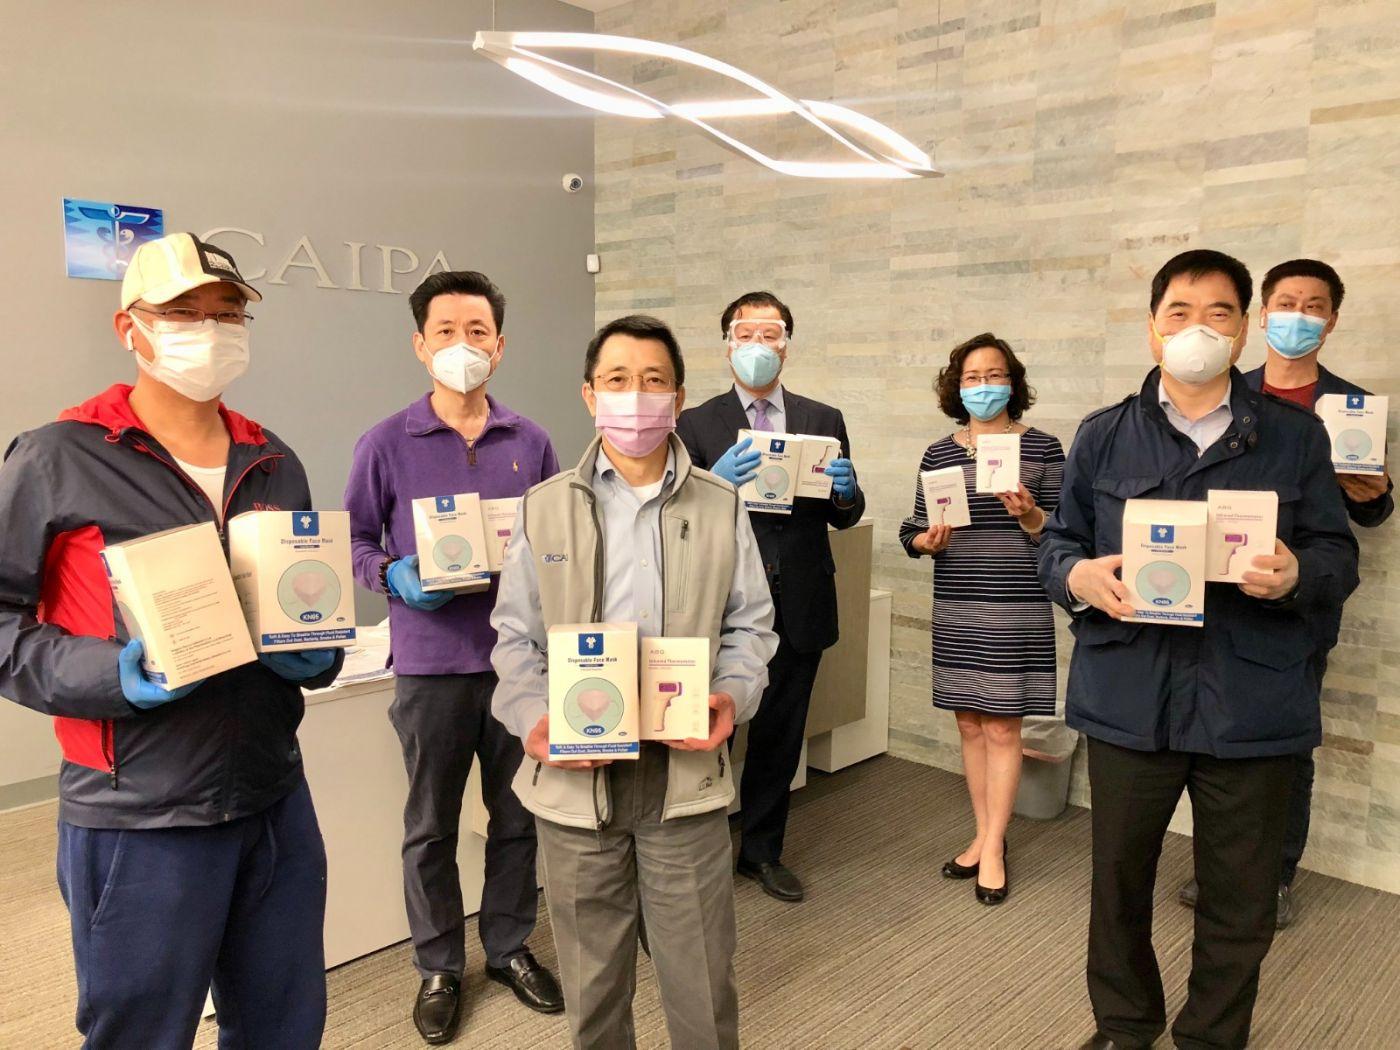 美国福建同乡会企业家捐赠防疫物资给纽约警察与亚美医师协会 ... ... ..._图1-9